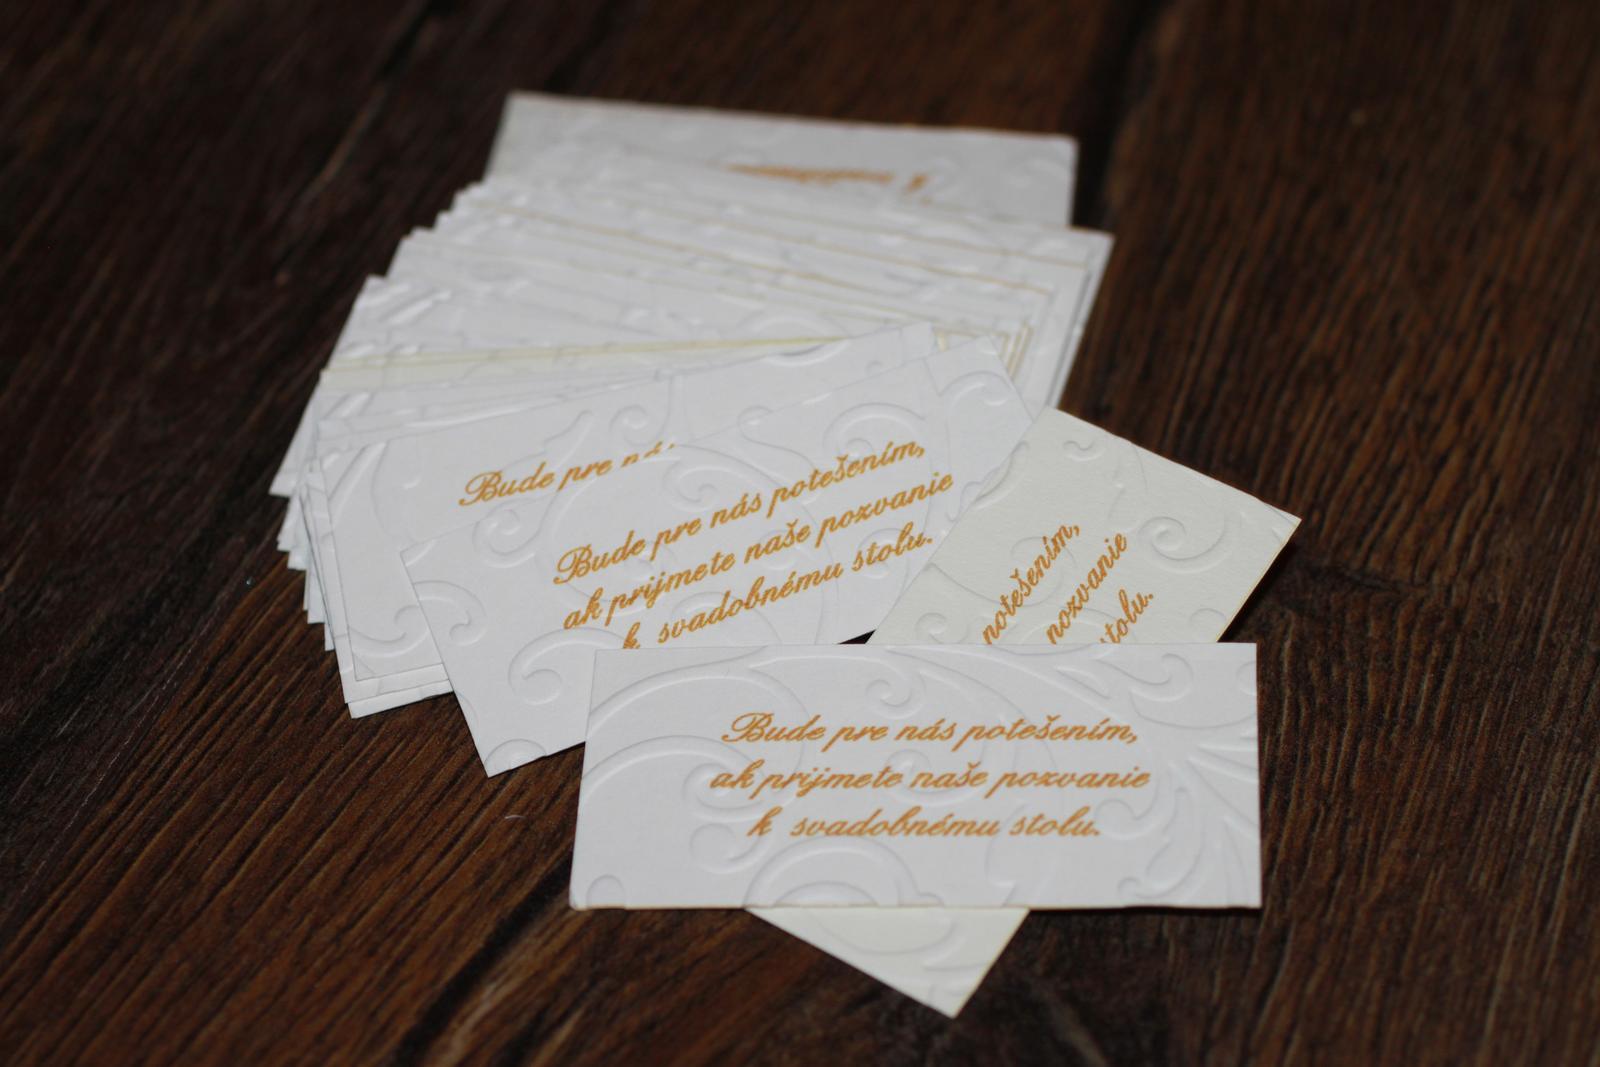 Naše prvé svadobné návrhy a prípravy - Pozvánky ku svadobnému stolu už máme tiež... ešte musíme tvrdo makať na oznámeniach... to ešte potrvá... :/